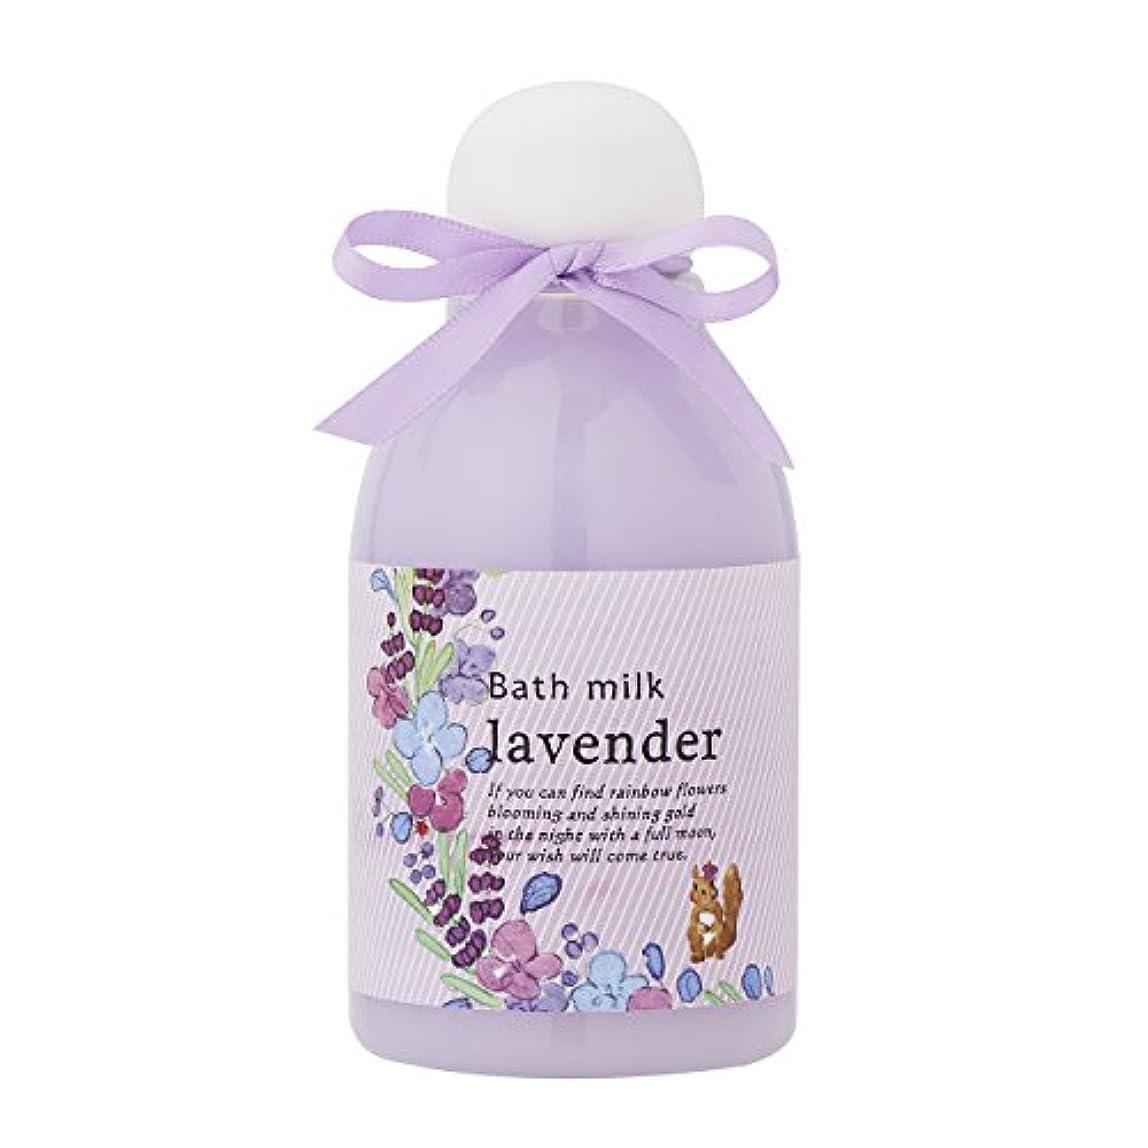 太鼓腹指標感謝するサンハーブ バスミルク ラベンダー 200ml(バブルバスタイプ入浴料 泡風呂 ふわっと爽やかなラベンダーの香り)